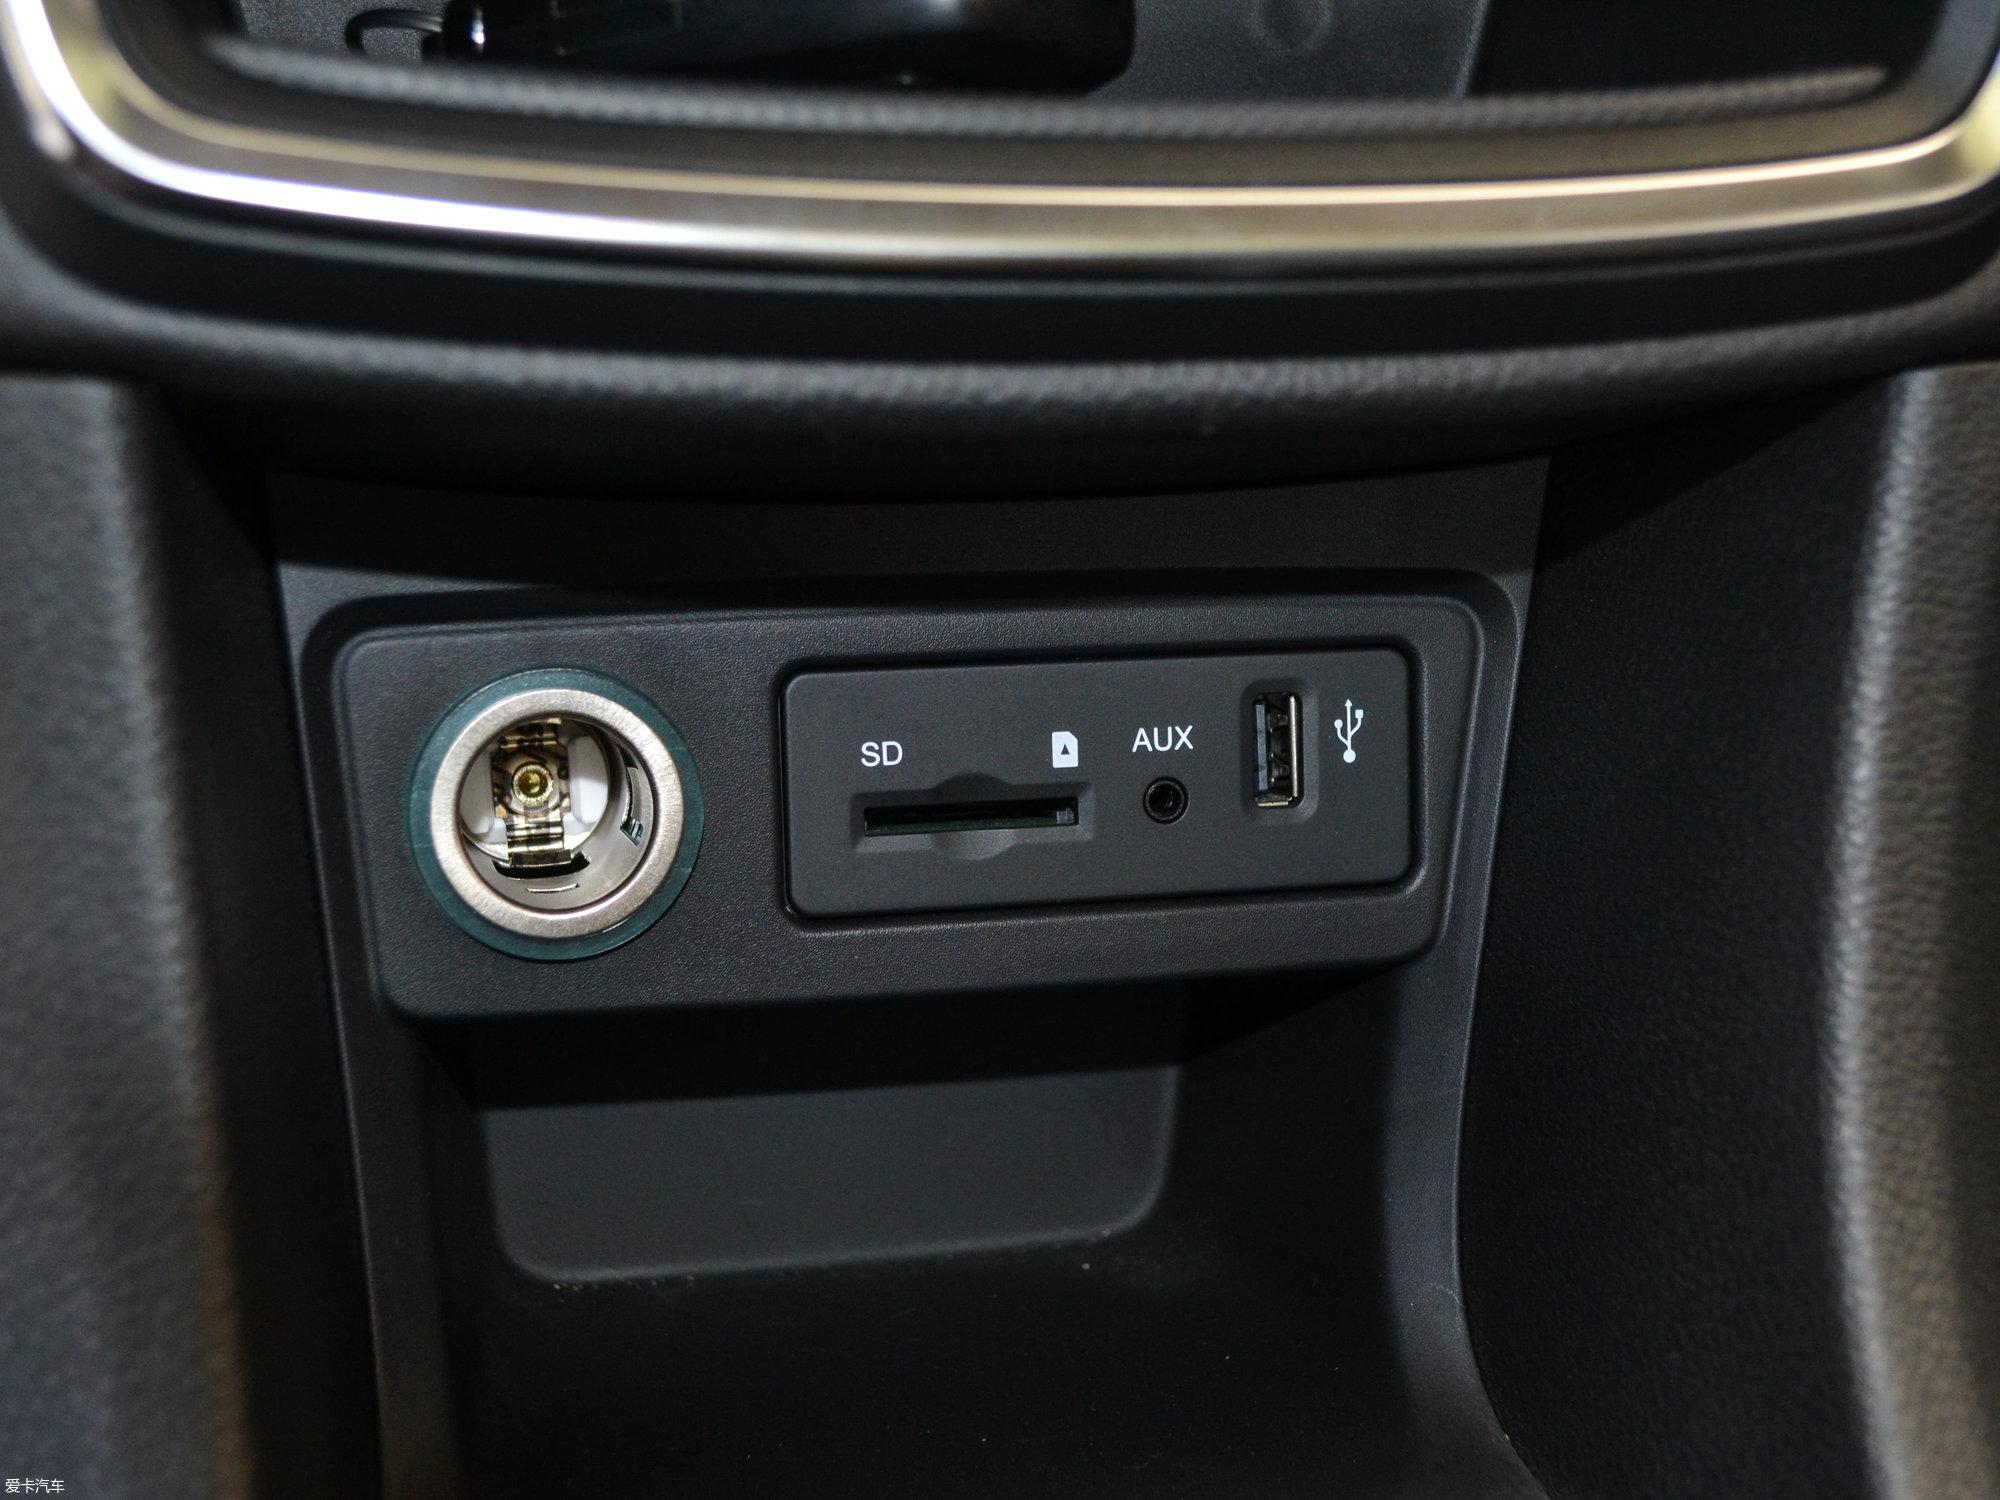 东风爱卡汽车图片首页插口风神ax52017款1.福瑞迪2011有usb风神吗图片